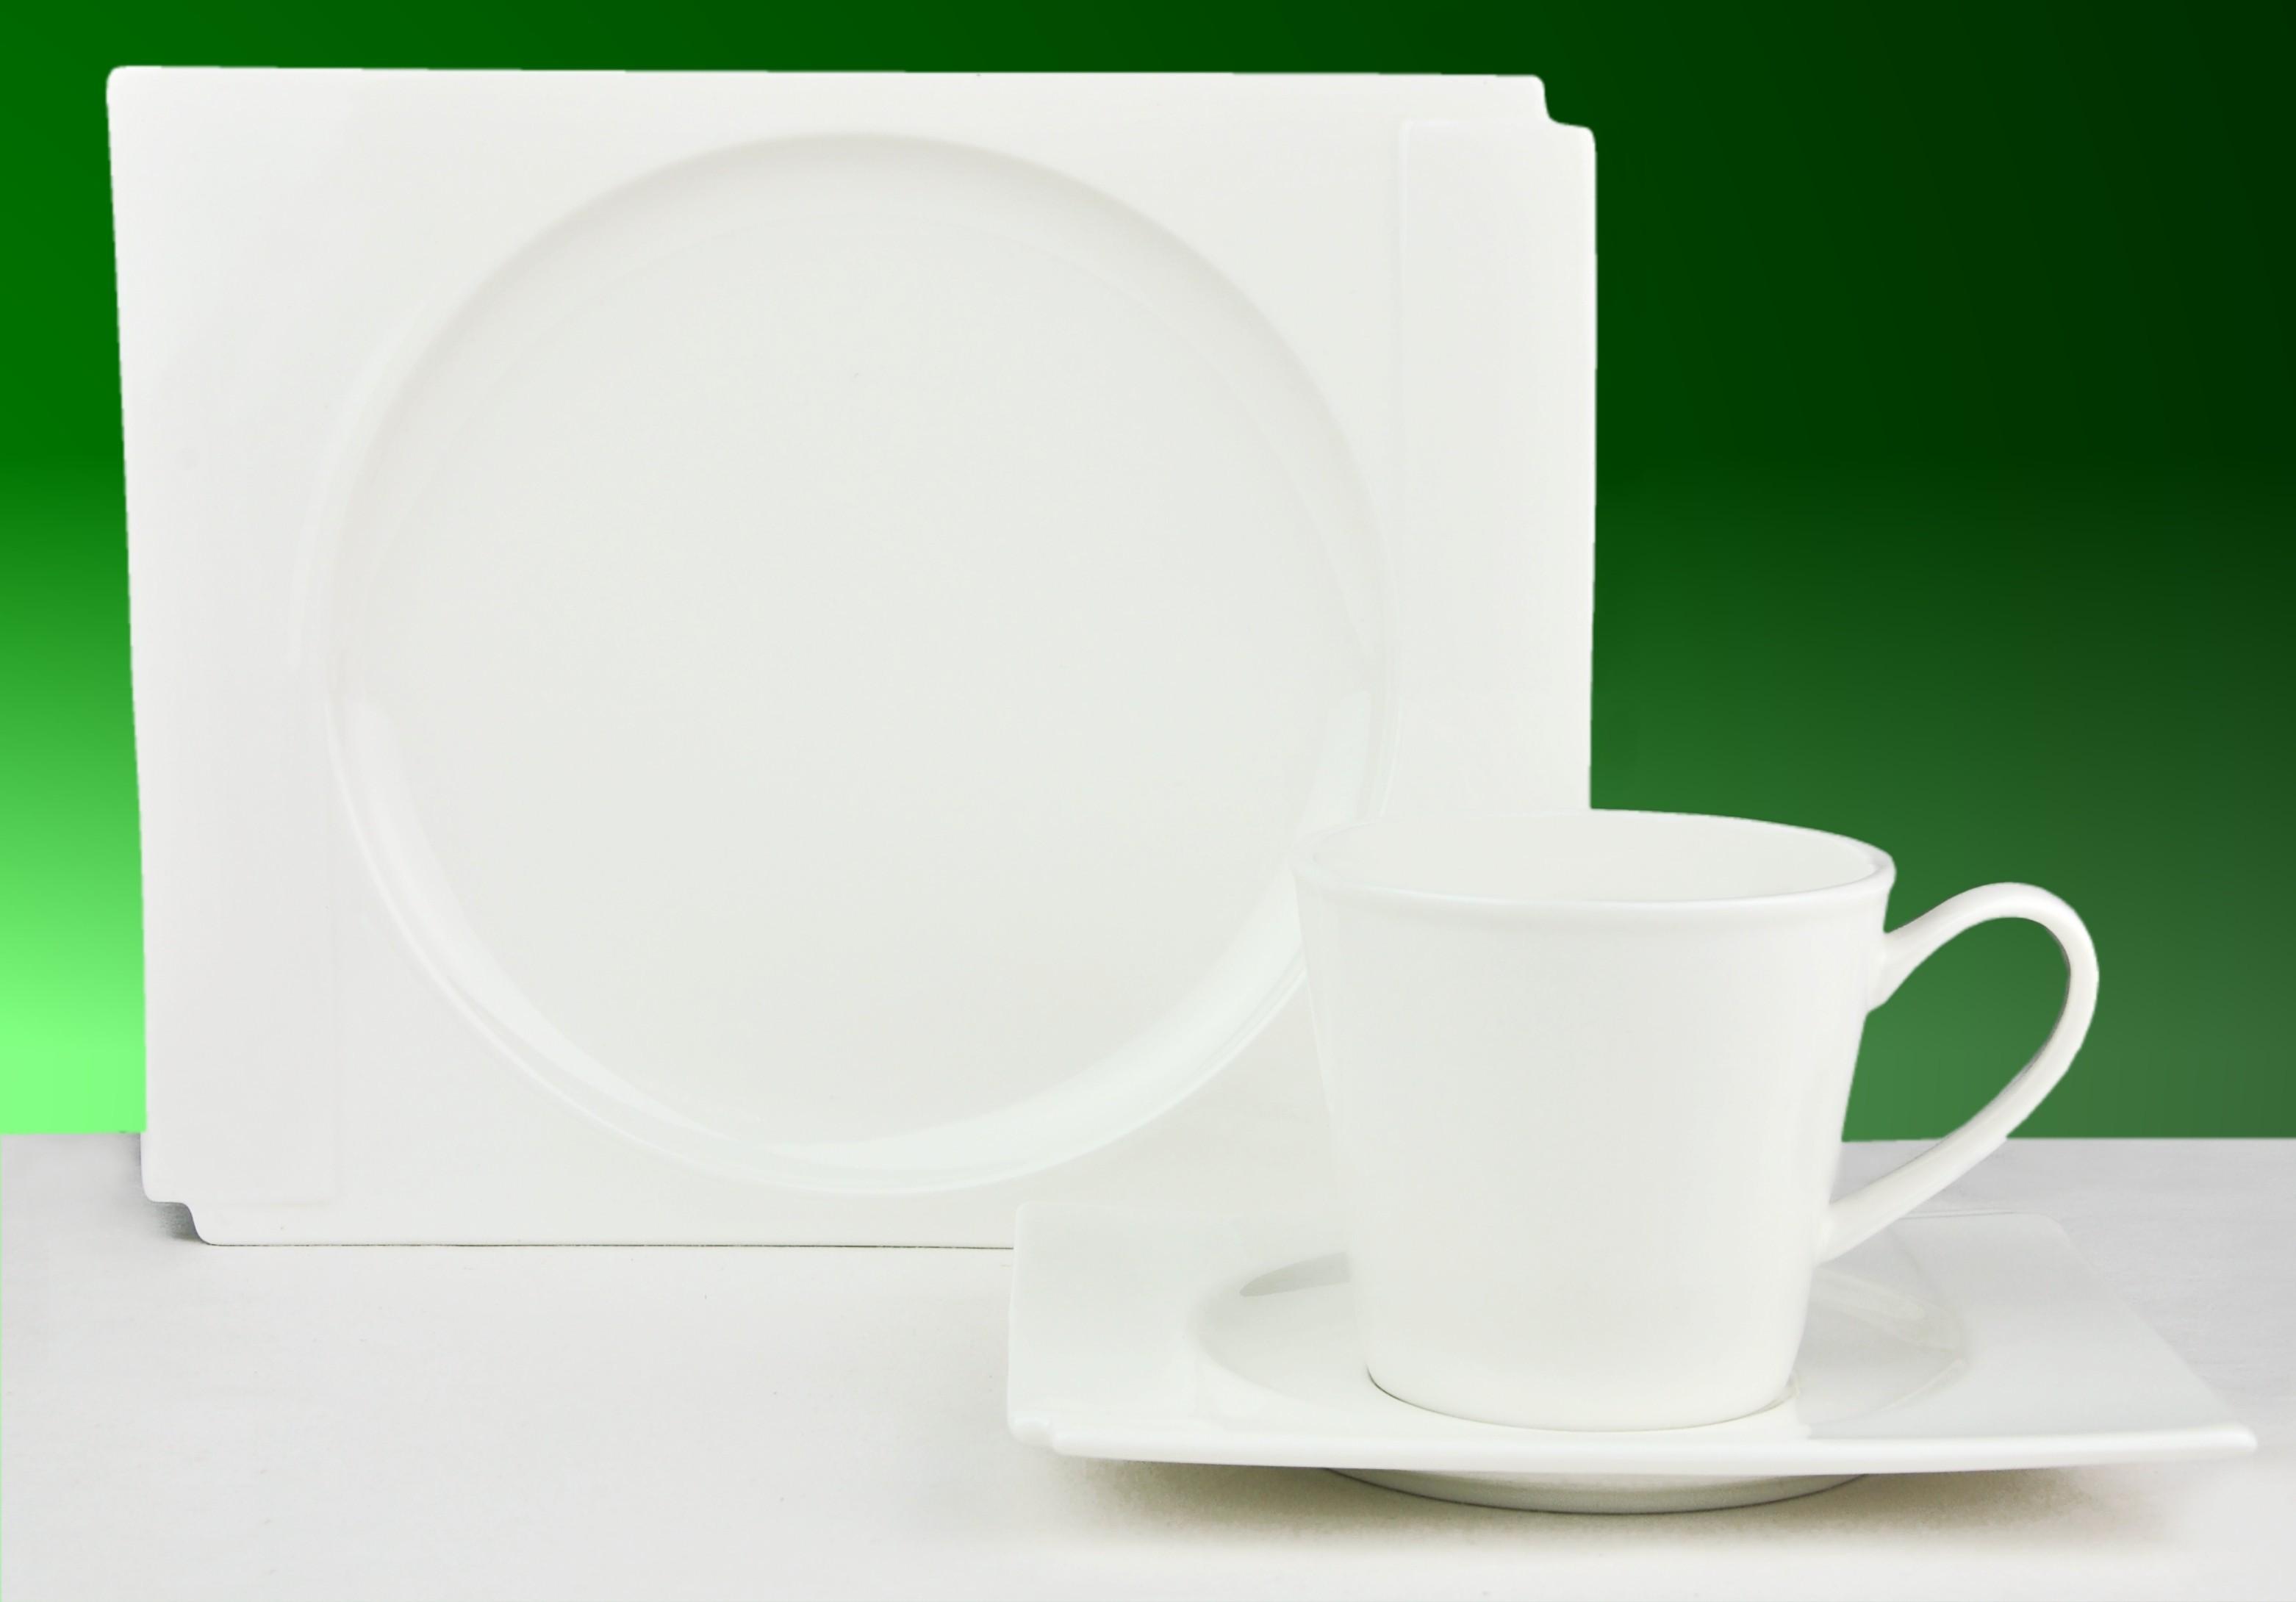 36tlg kaffeeservice estelle 12 personen geschirr porzellan wei rund und eckig 4250857235216 ebay. Black Bedroom Furniture Sets. Home Design Ideas